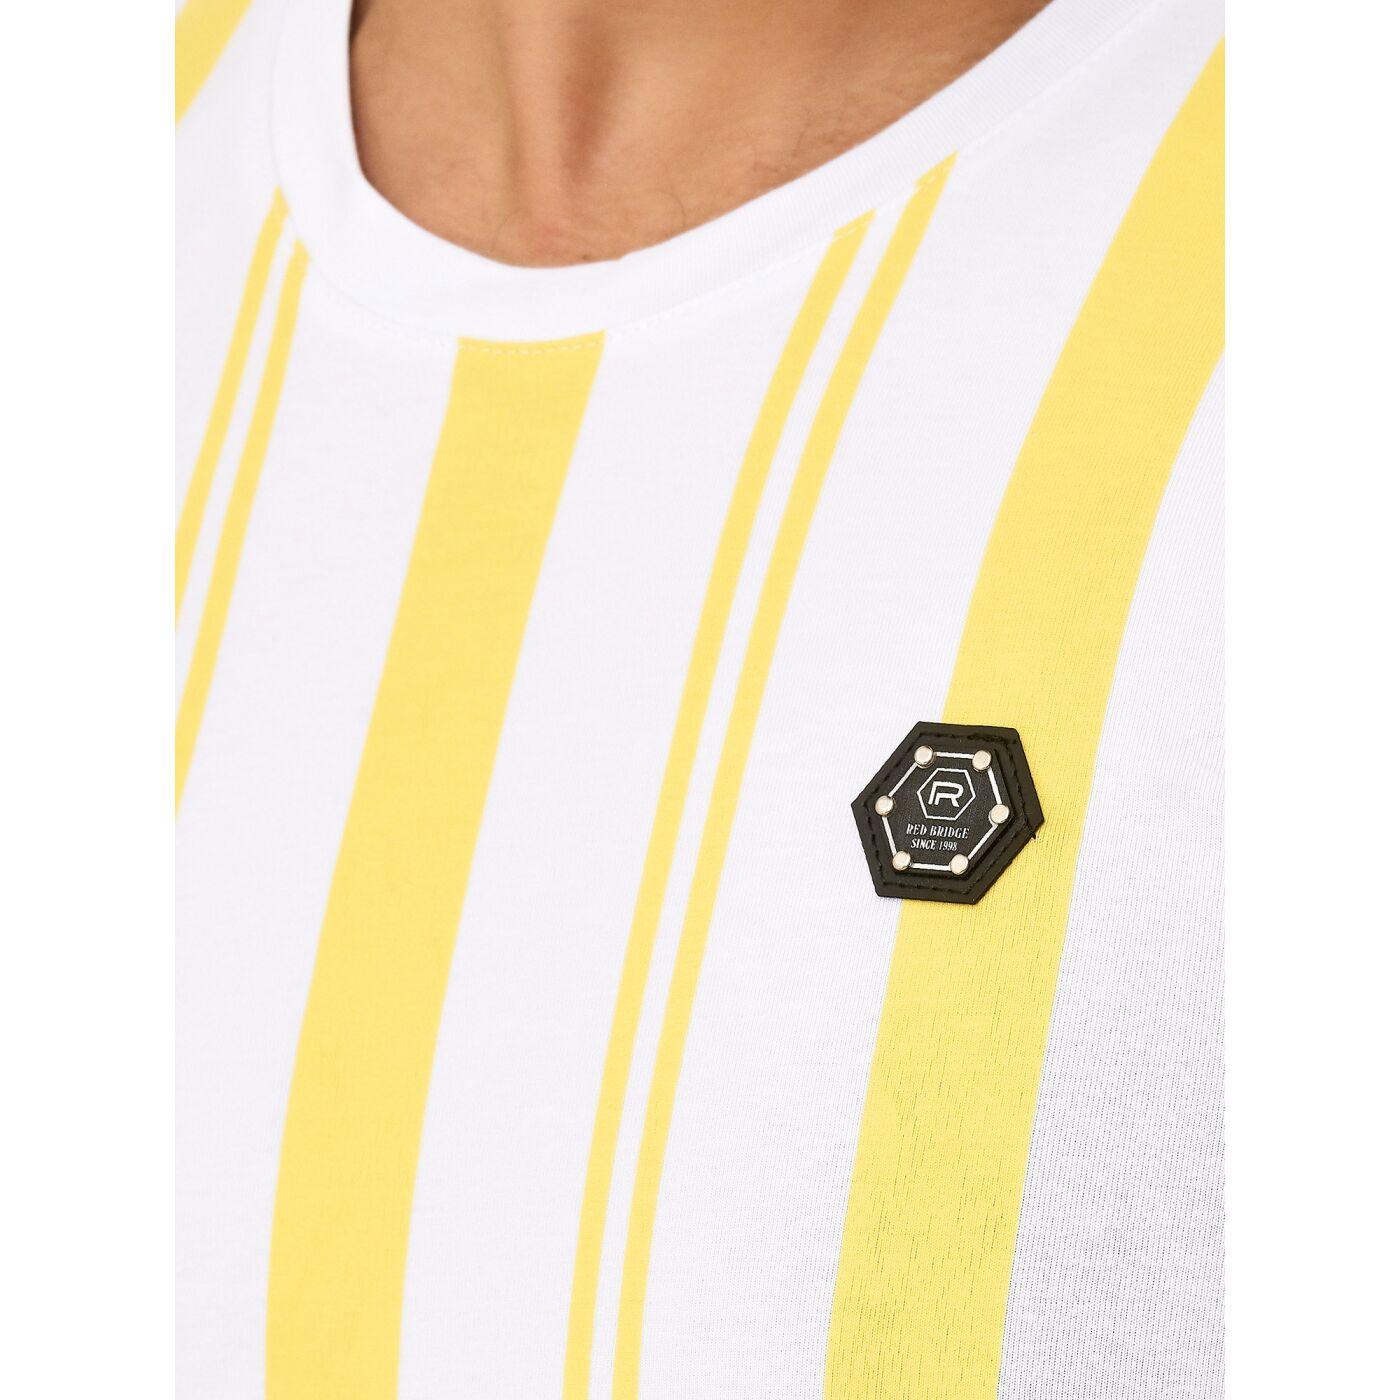 T Shirt mit Druck SECURITY in weißer Schrift